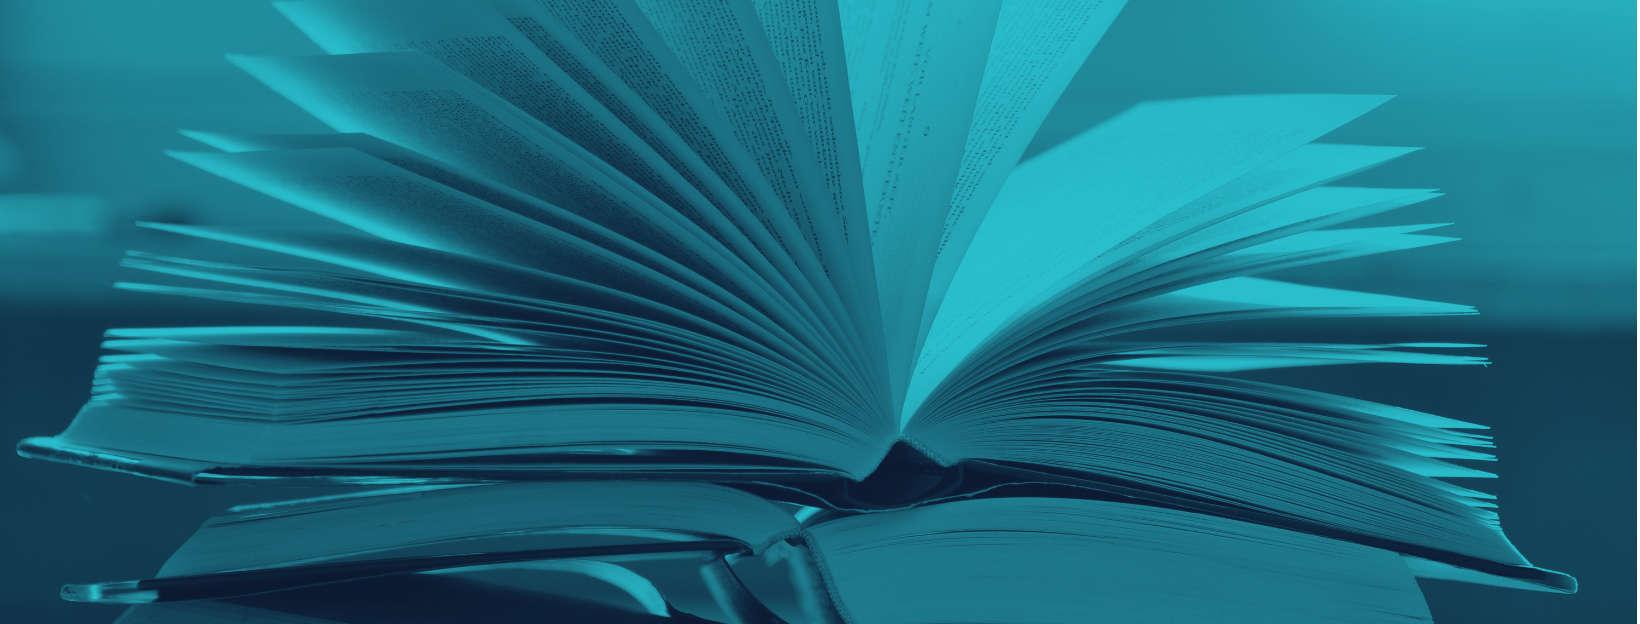 8 Best Longevity Books for 2020